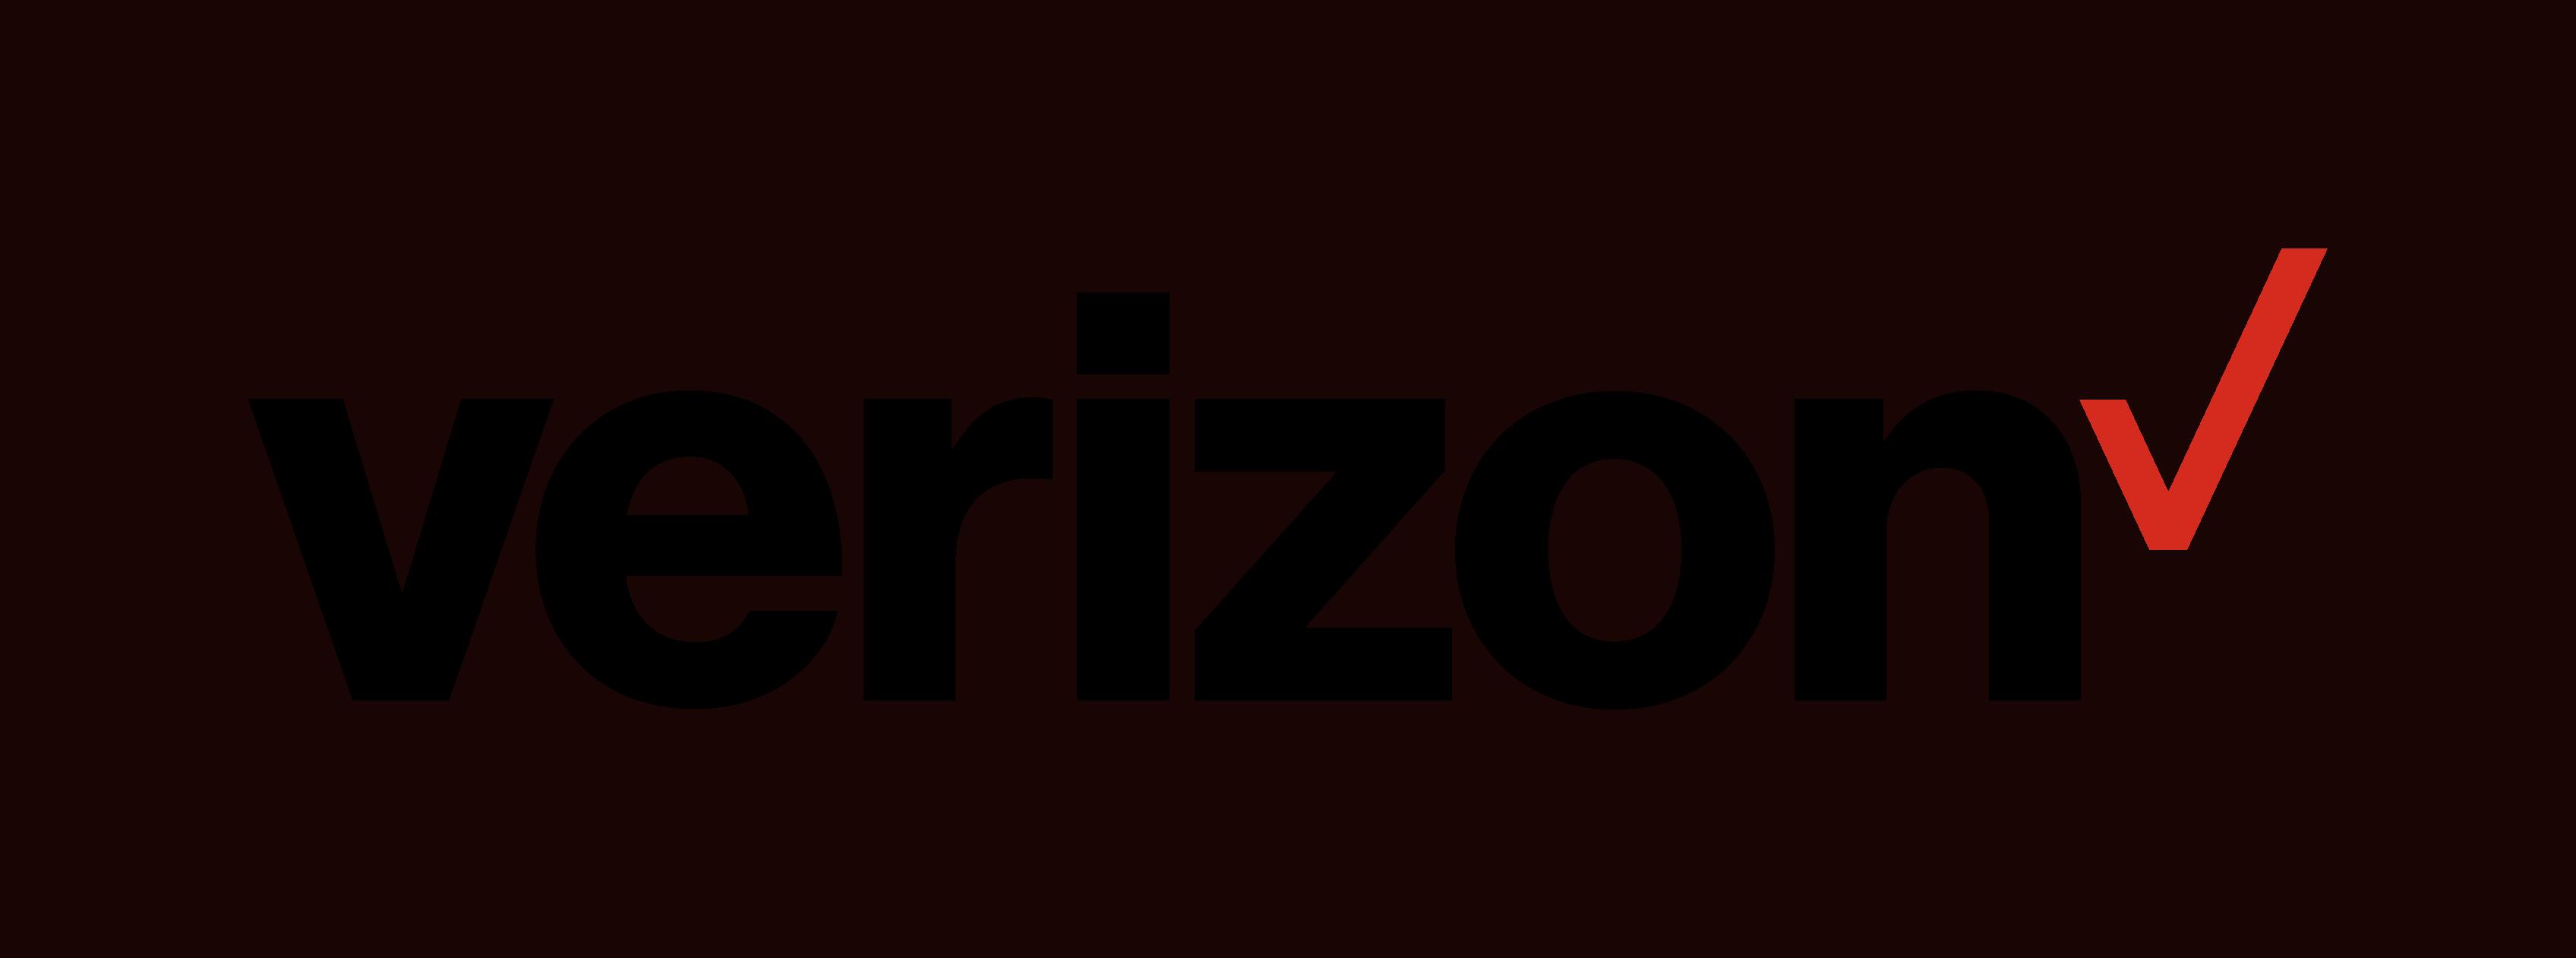 VerizonV